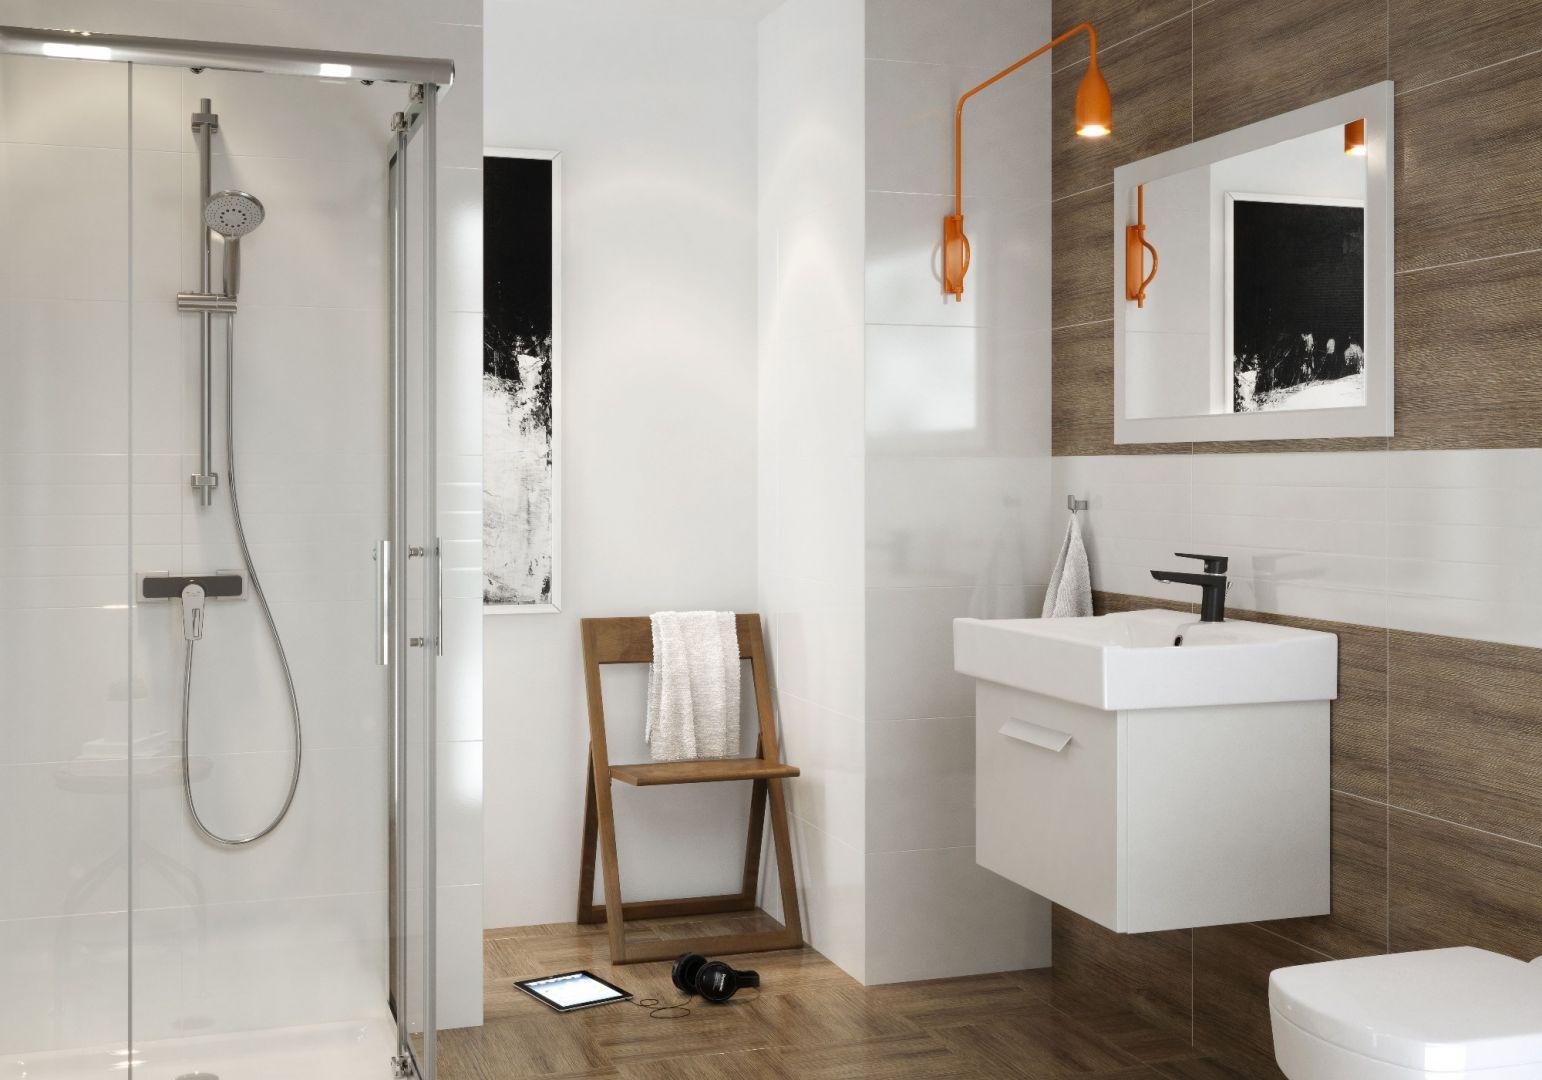 Natynkowa bateria prysznicowa z serii Mille Black marki Cersanit. Towarzyszy jej drążek prysznicowy. Fot. Cersanit